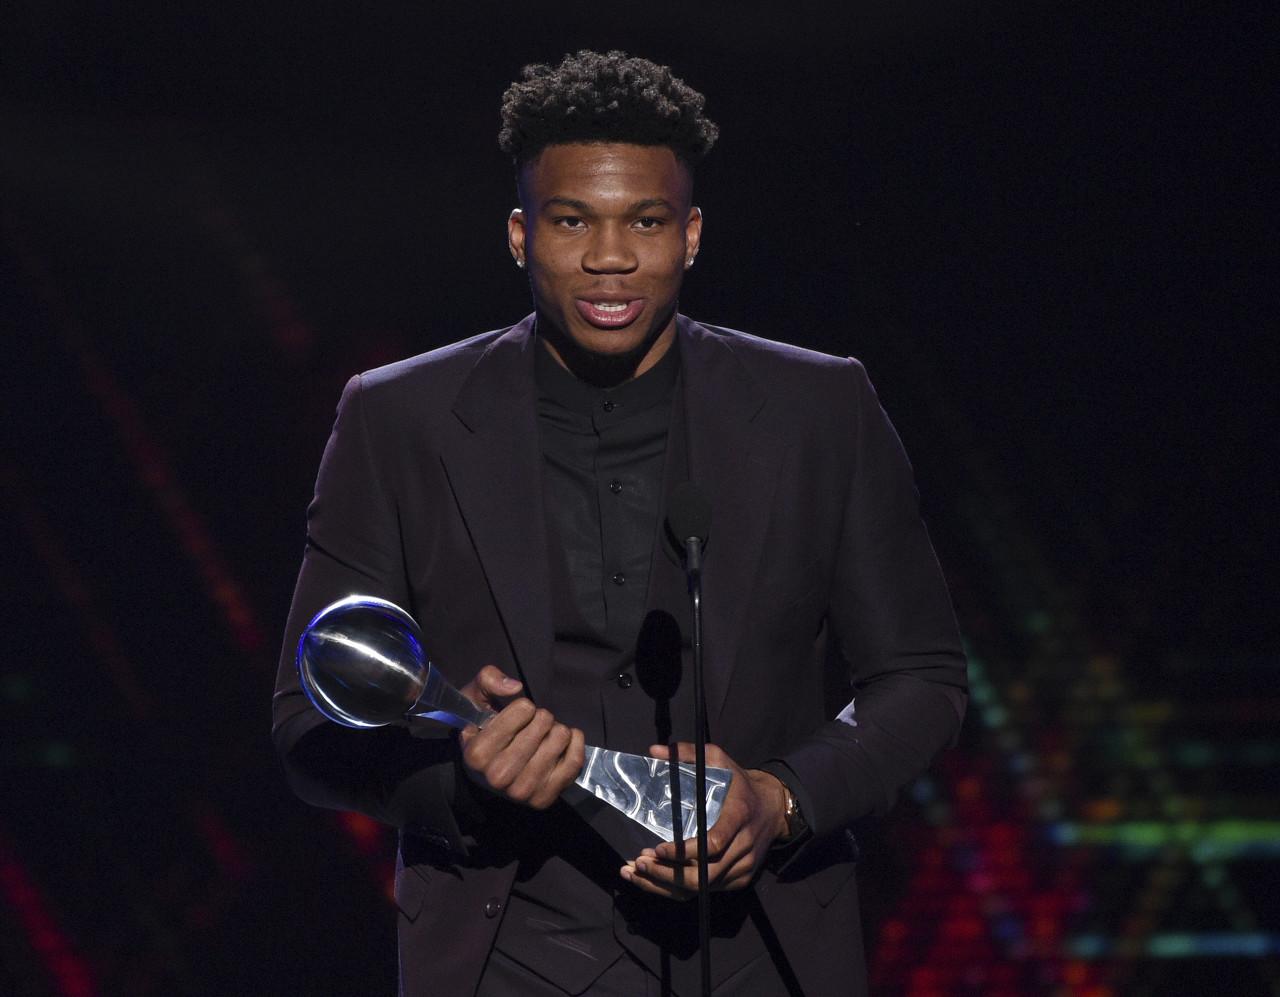 字母哥:有些人不希望我拿到常规赛MVP 但现在奖杯在我房子里